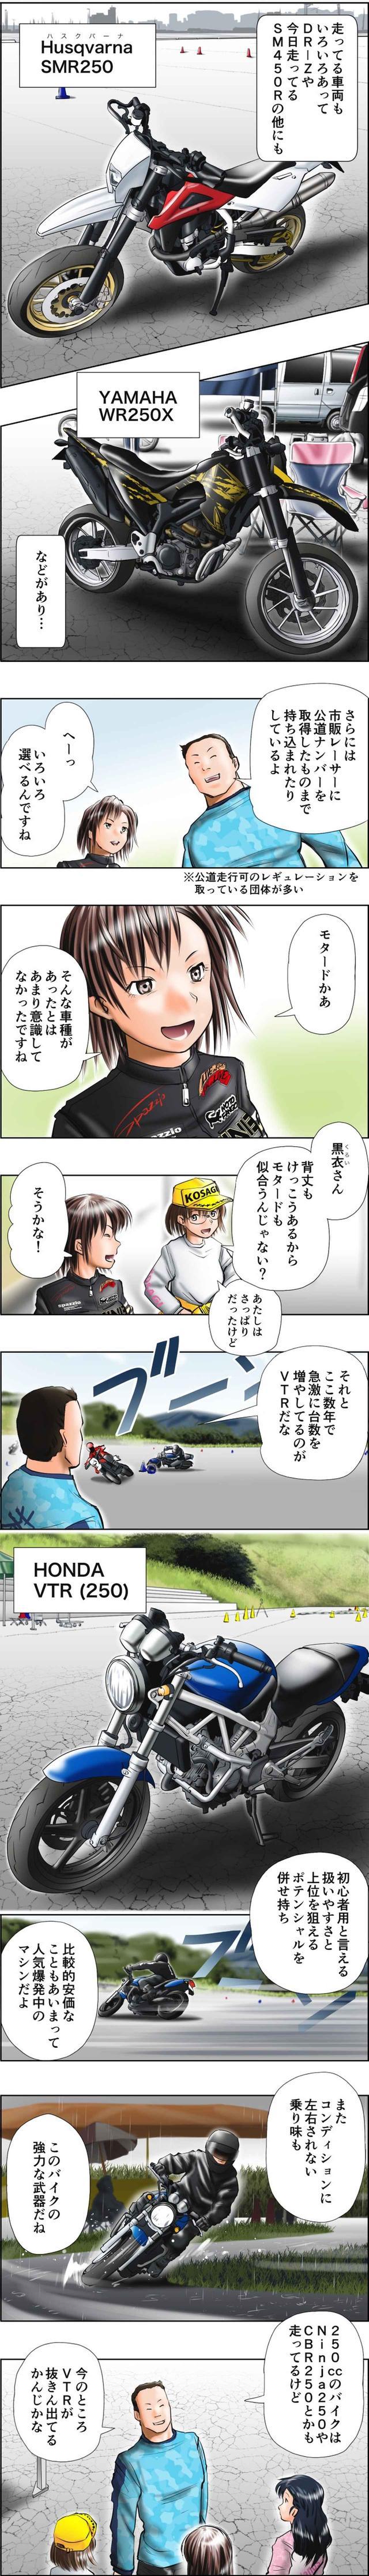 画像: MOTOジム!(第5話:SSはハードル高いから!) 作・ばどみゅーみん - オートバイ & RIDE